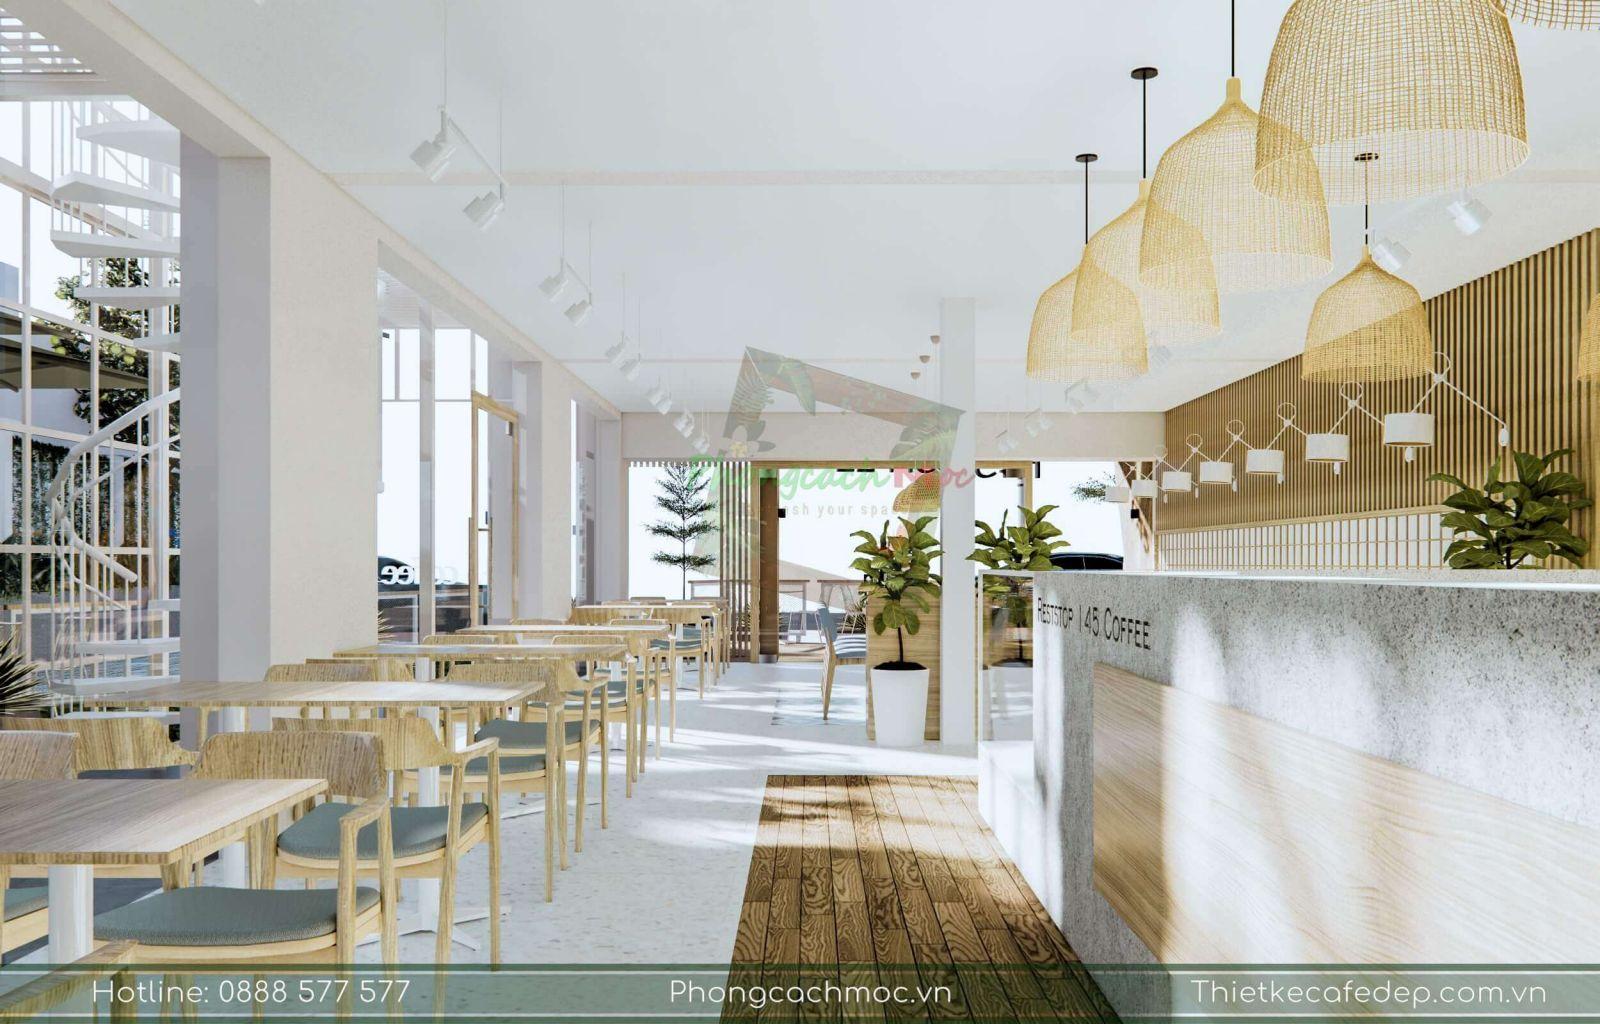 cách bày trí nội thất tận dụng tối đa diện tích của quán cafe